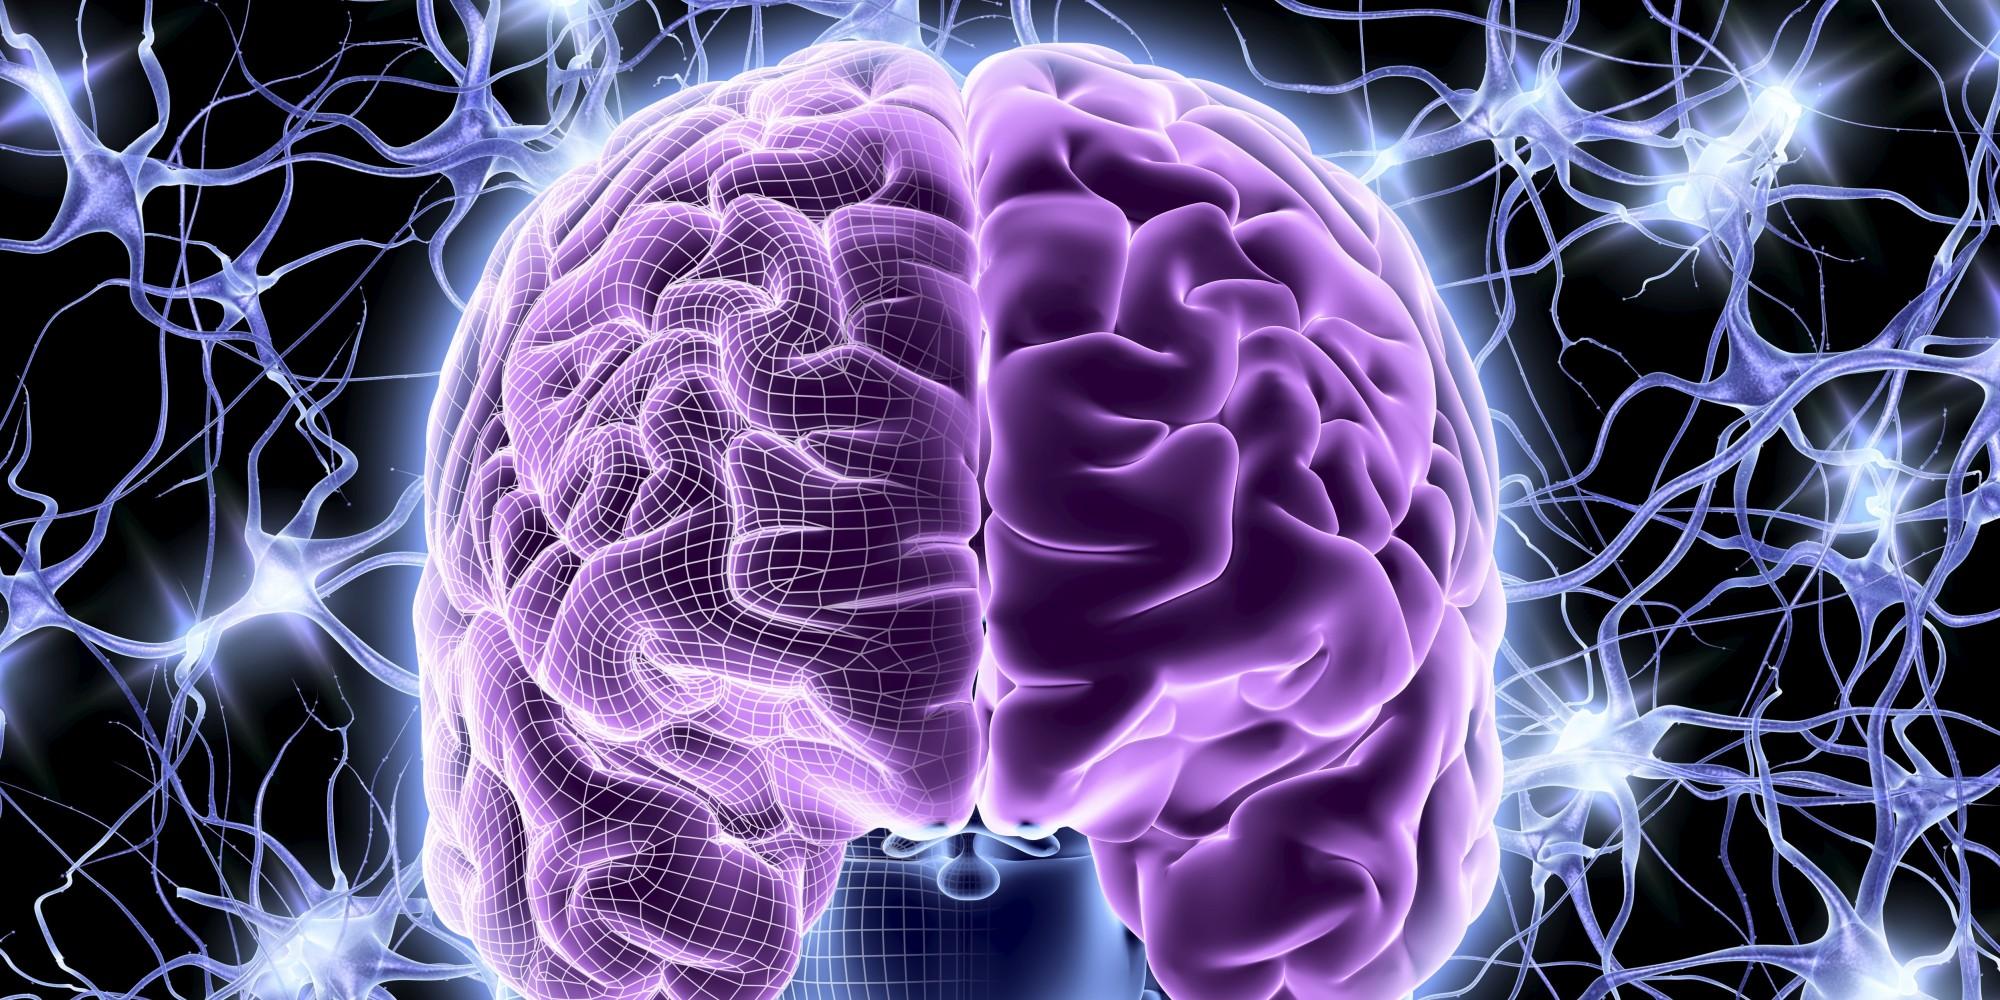 Способы заставить работать мозг на 100%. Улучшение работы мозга.